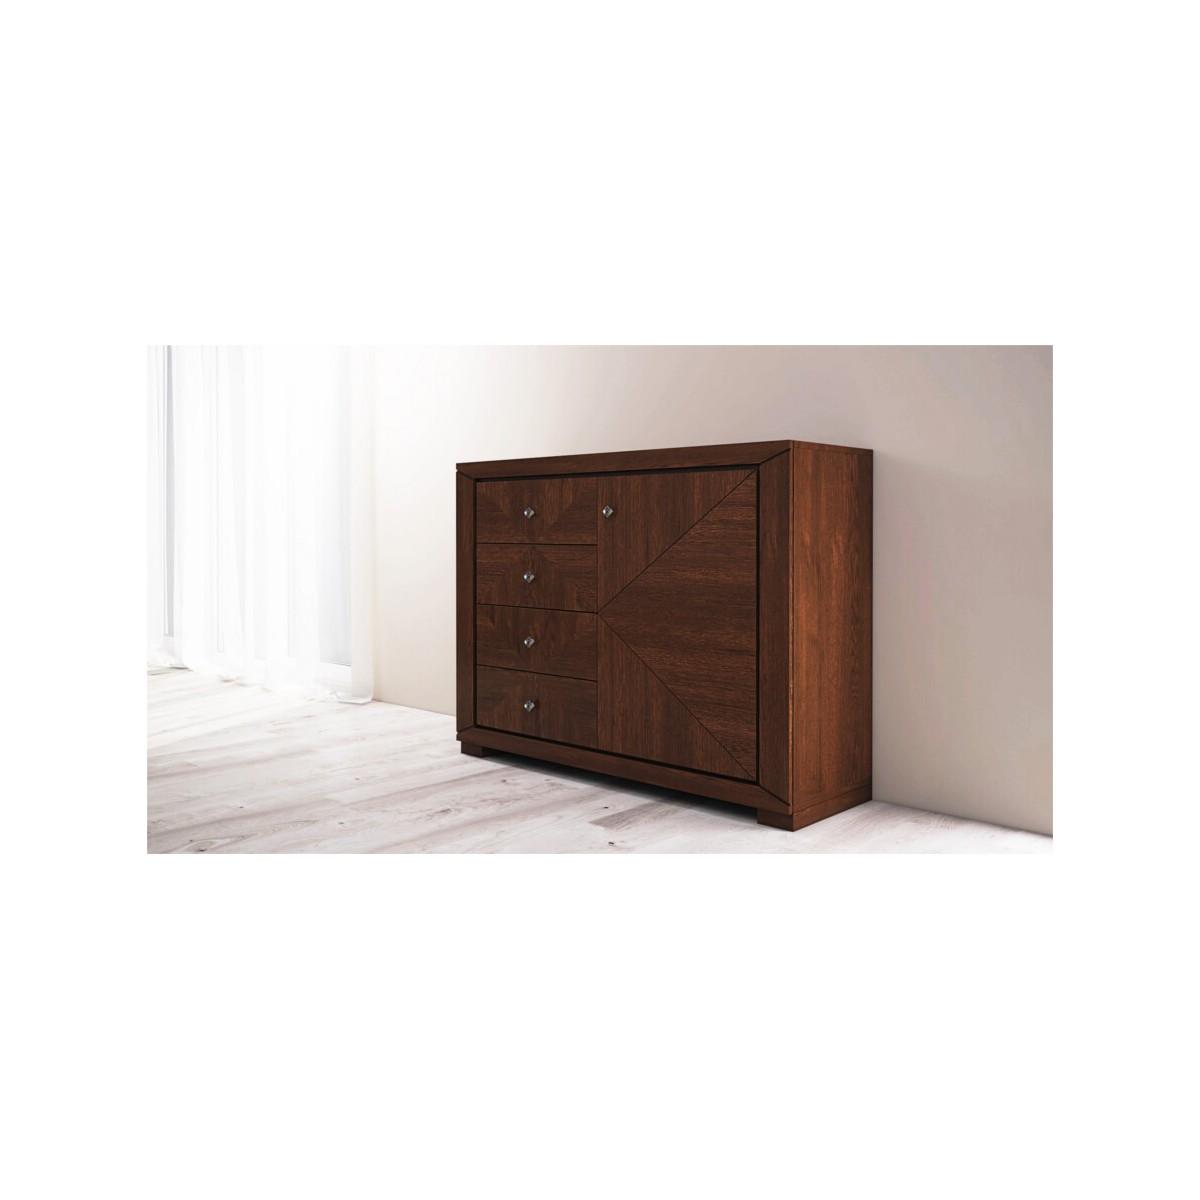 Cube Komoda 130 drzwi z intarsją